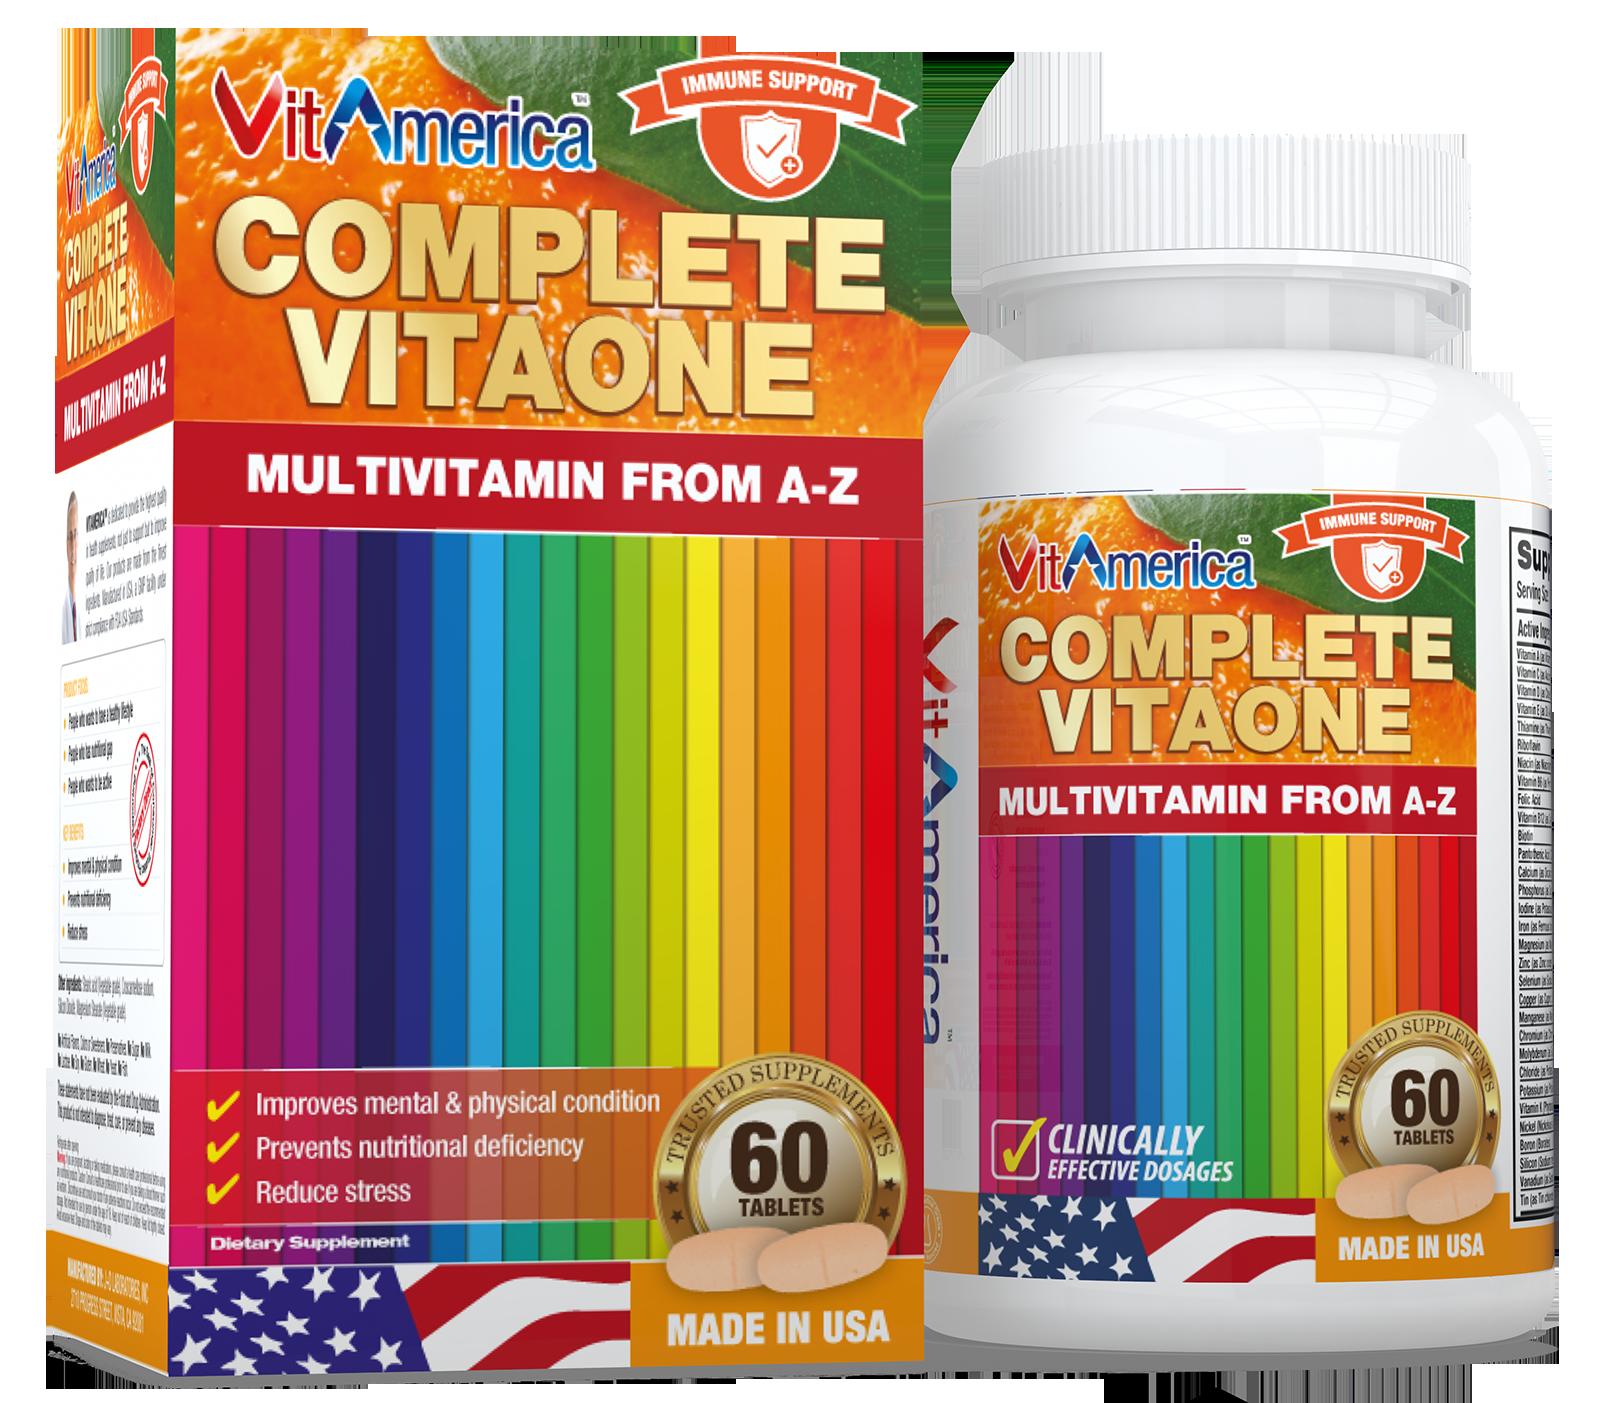 complete-vitaone-multivitamin